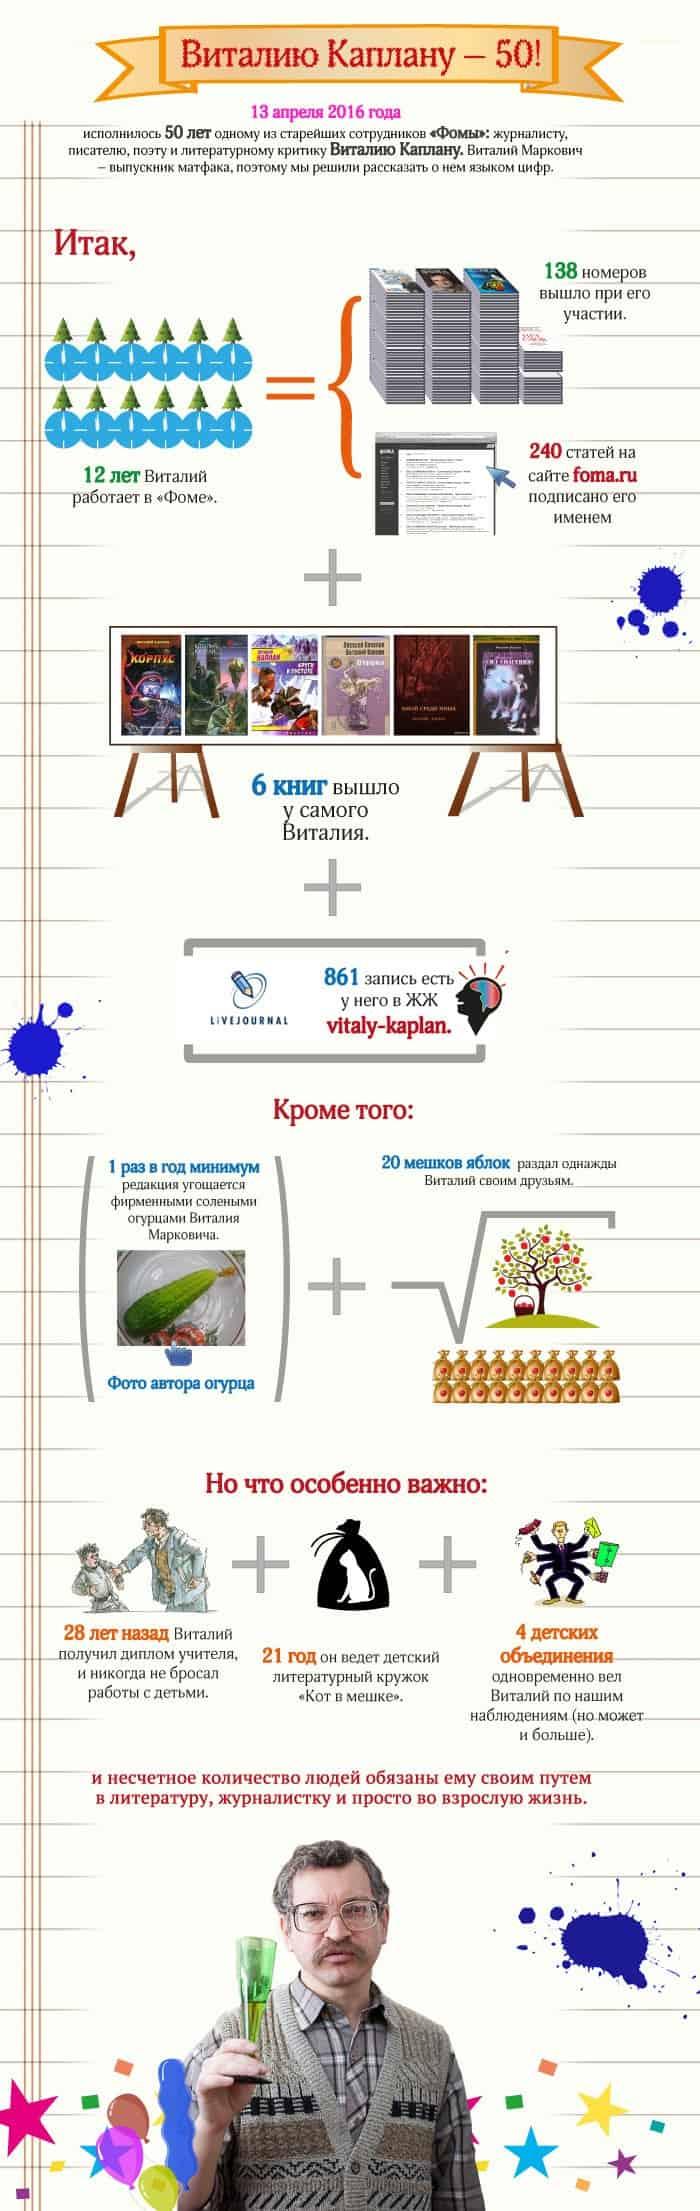 info_kaplan